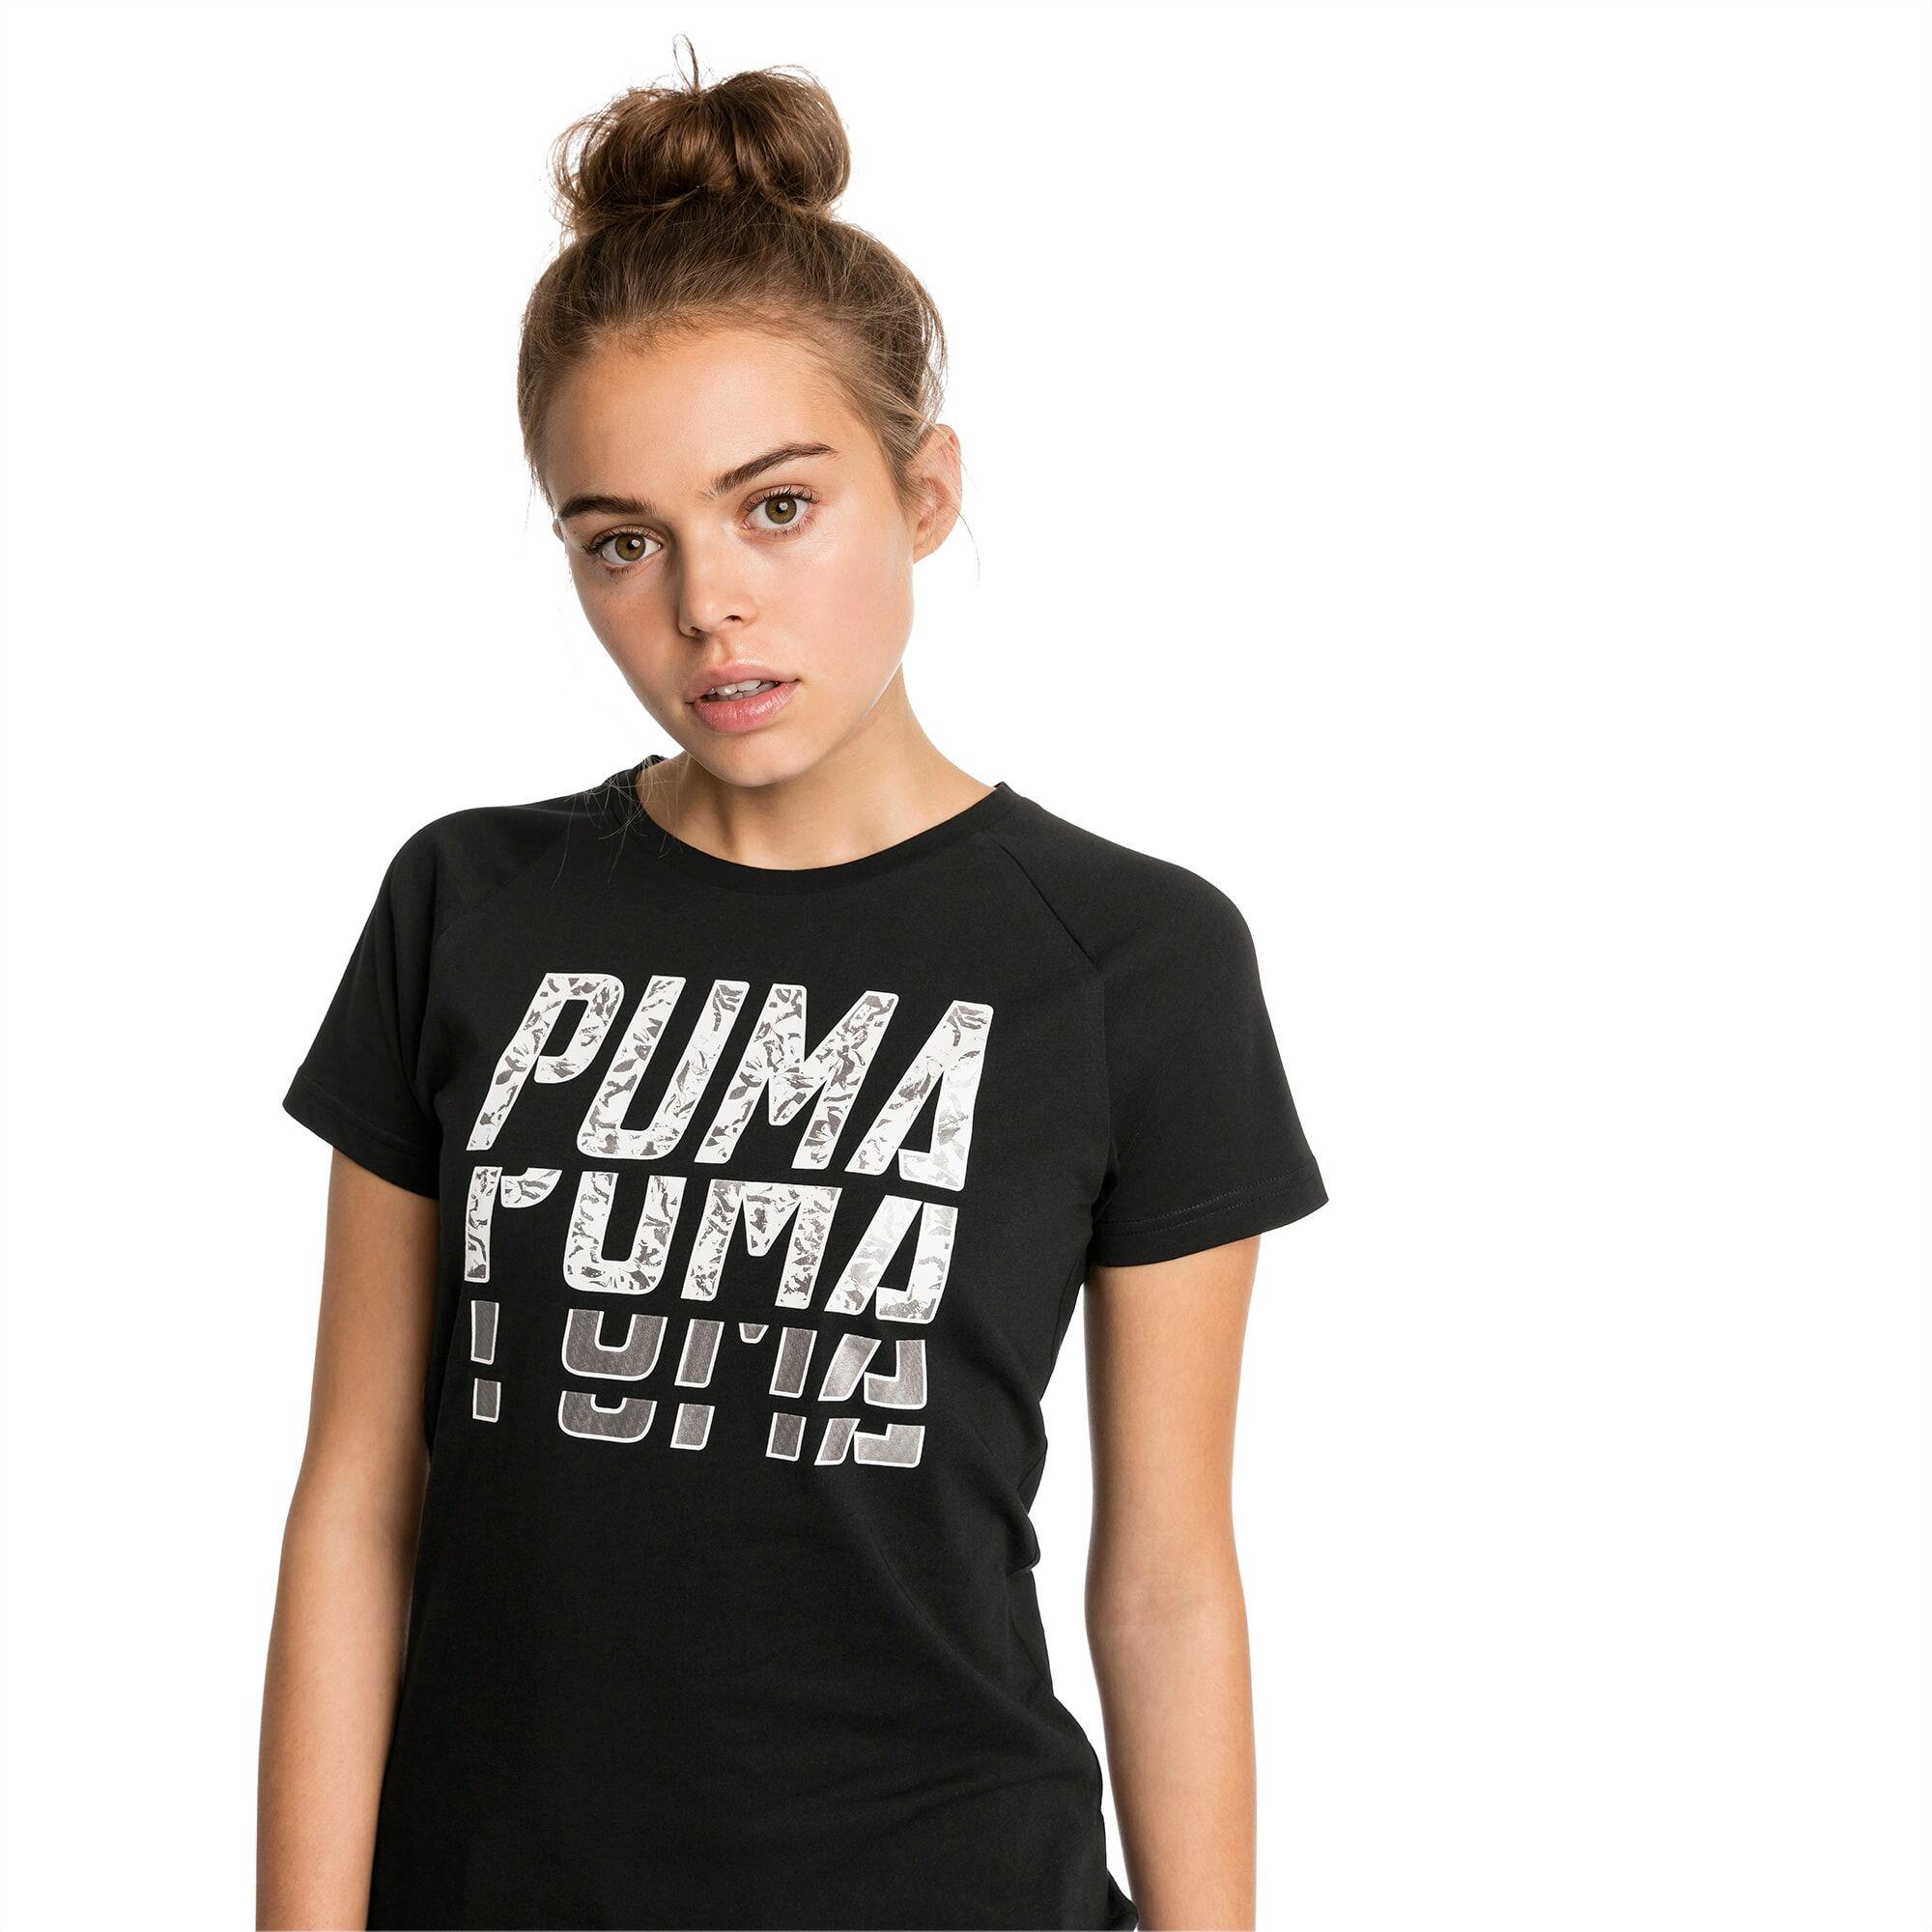 PUMA T-Shirt Font Graphic pour Femme, Noir, Taille S, Vêtements